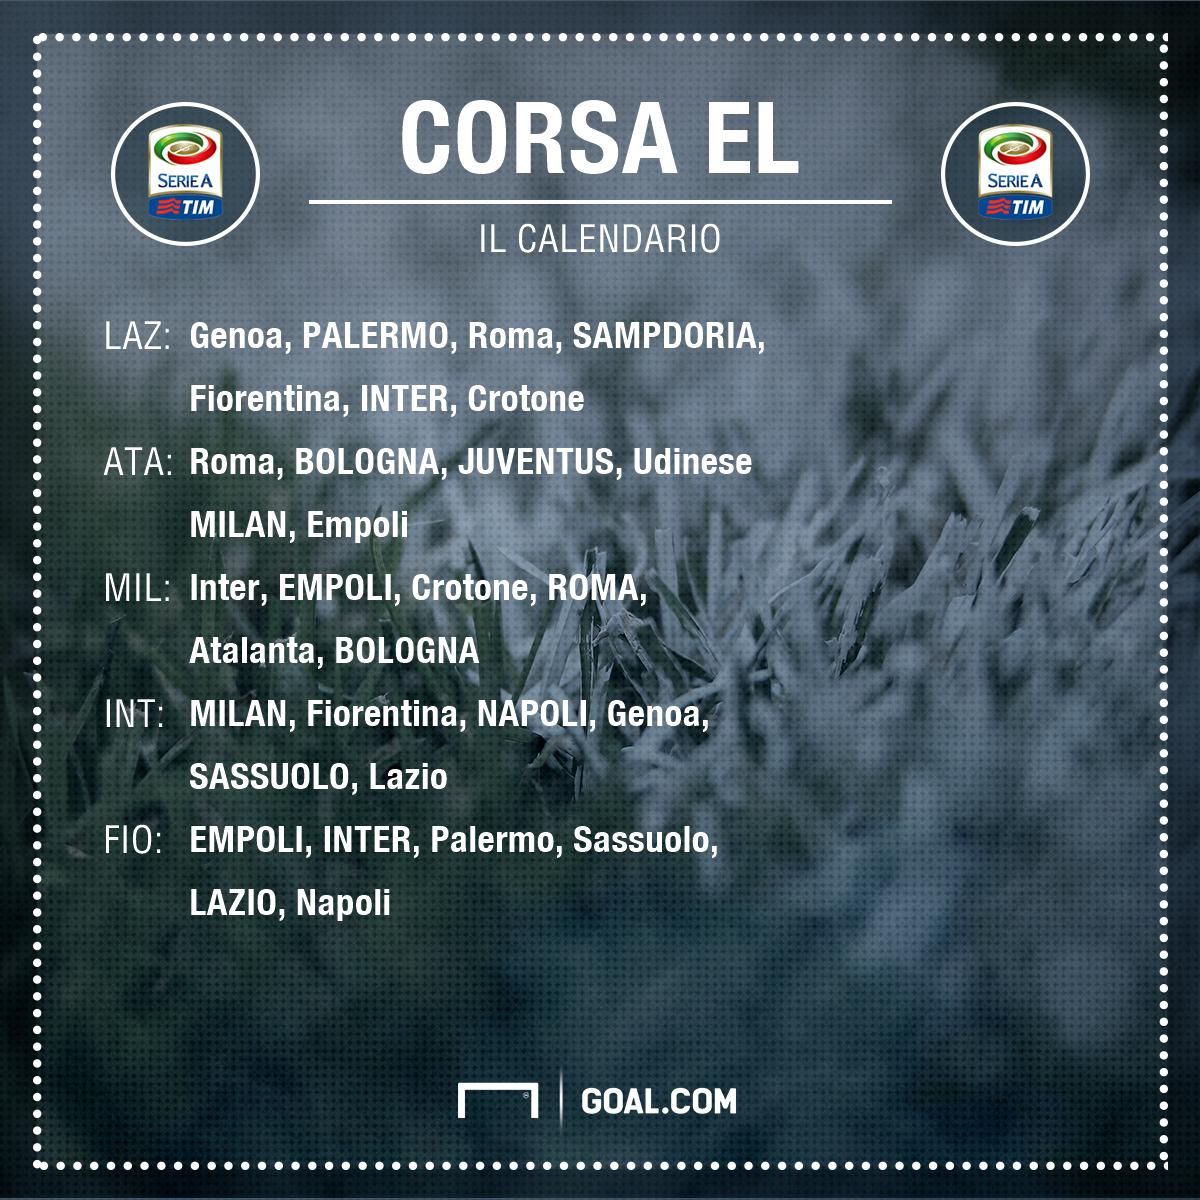 Roma Calendario Europa League.Corsa Europa League Dalla Lazio All Inter 4 Squadre In 5